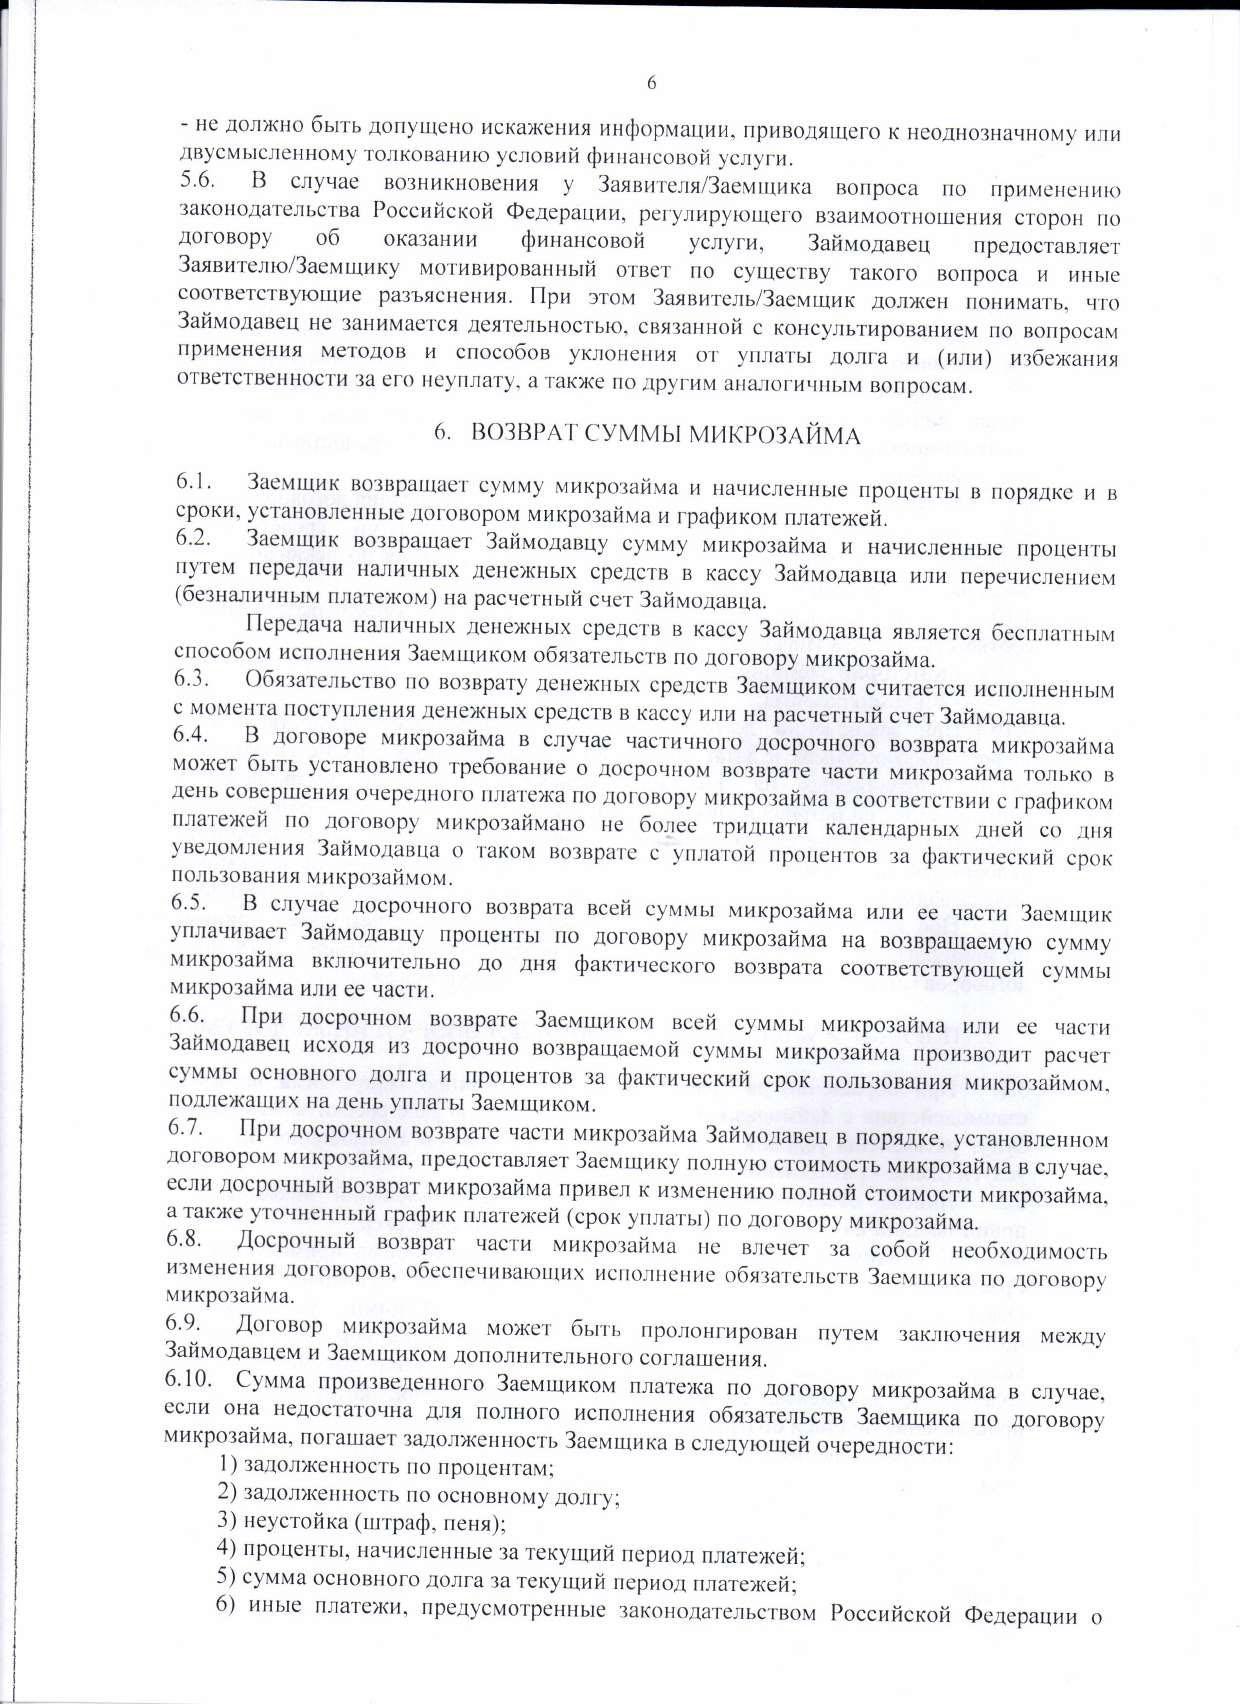 Правила предоставления микрозаймов стр6